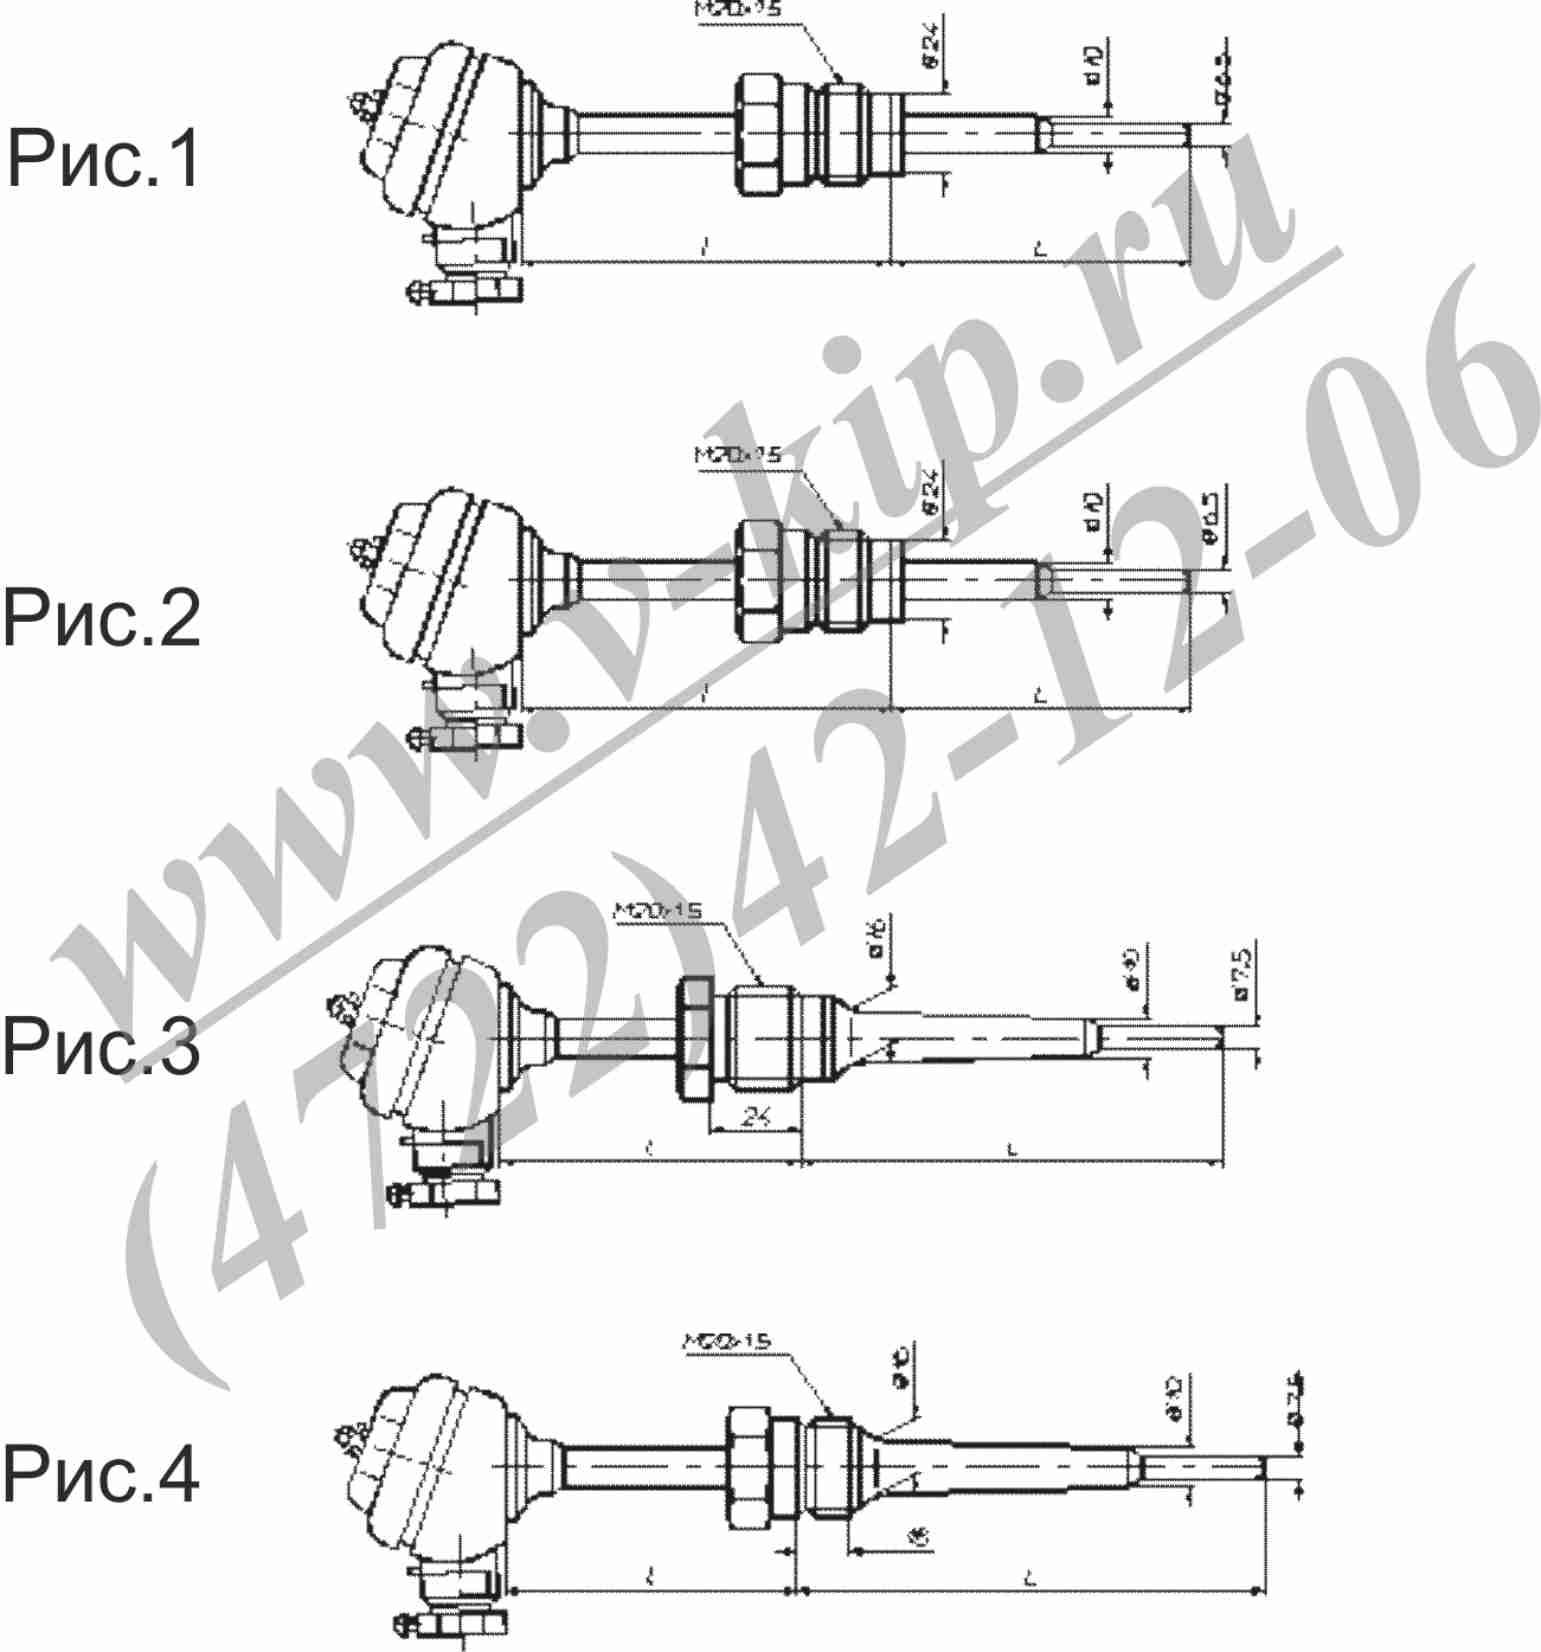 ТСП-8040Р, ТСМ-8040Р термопреобразователи - габаритная схема